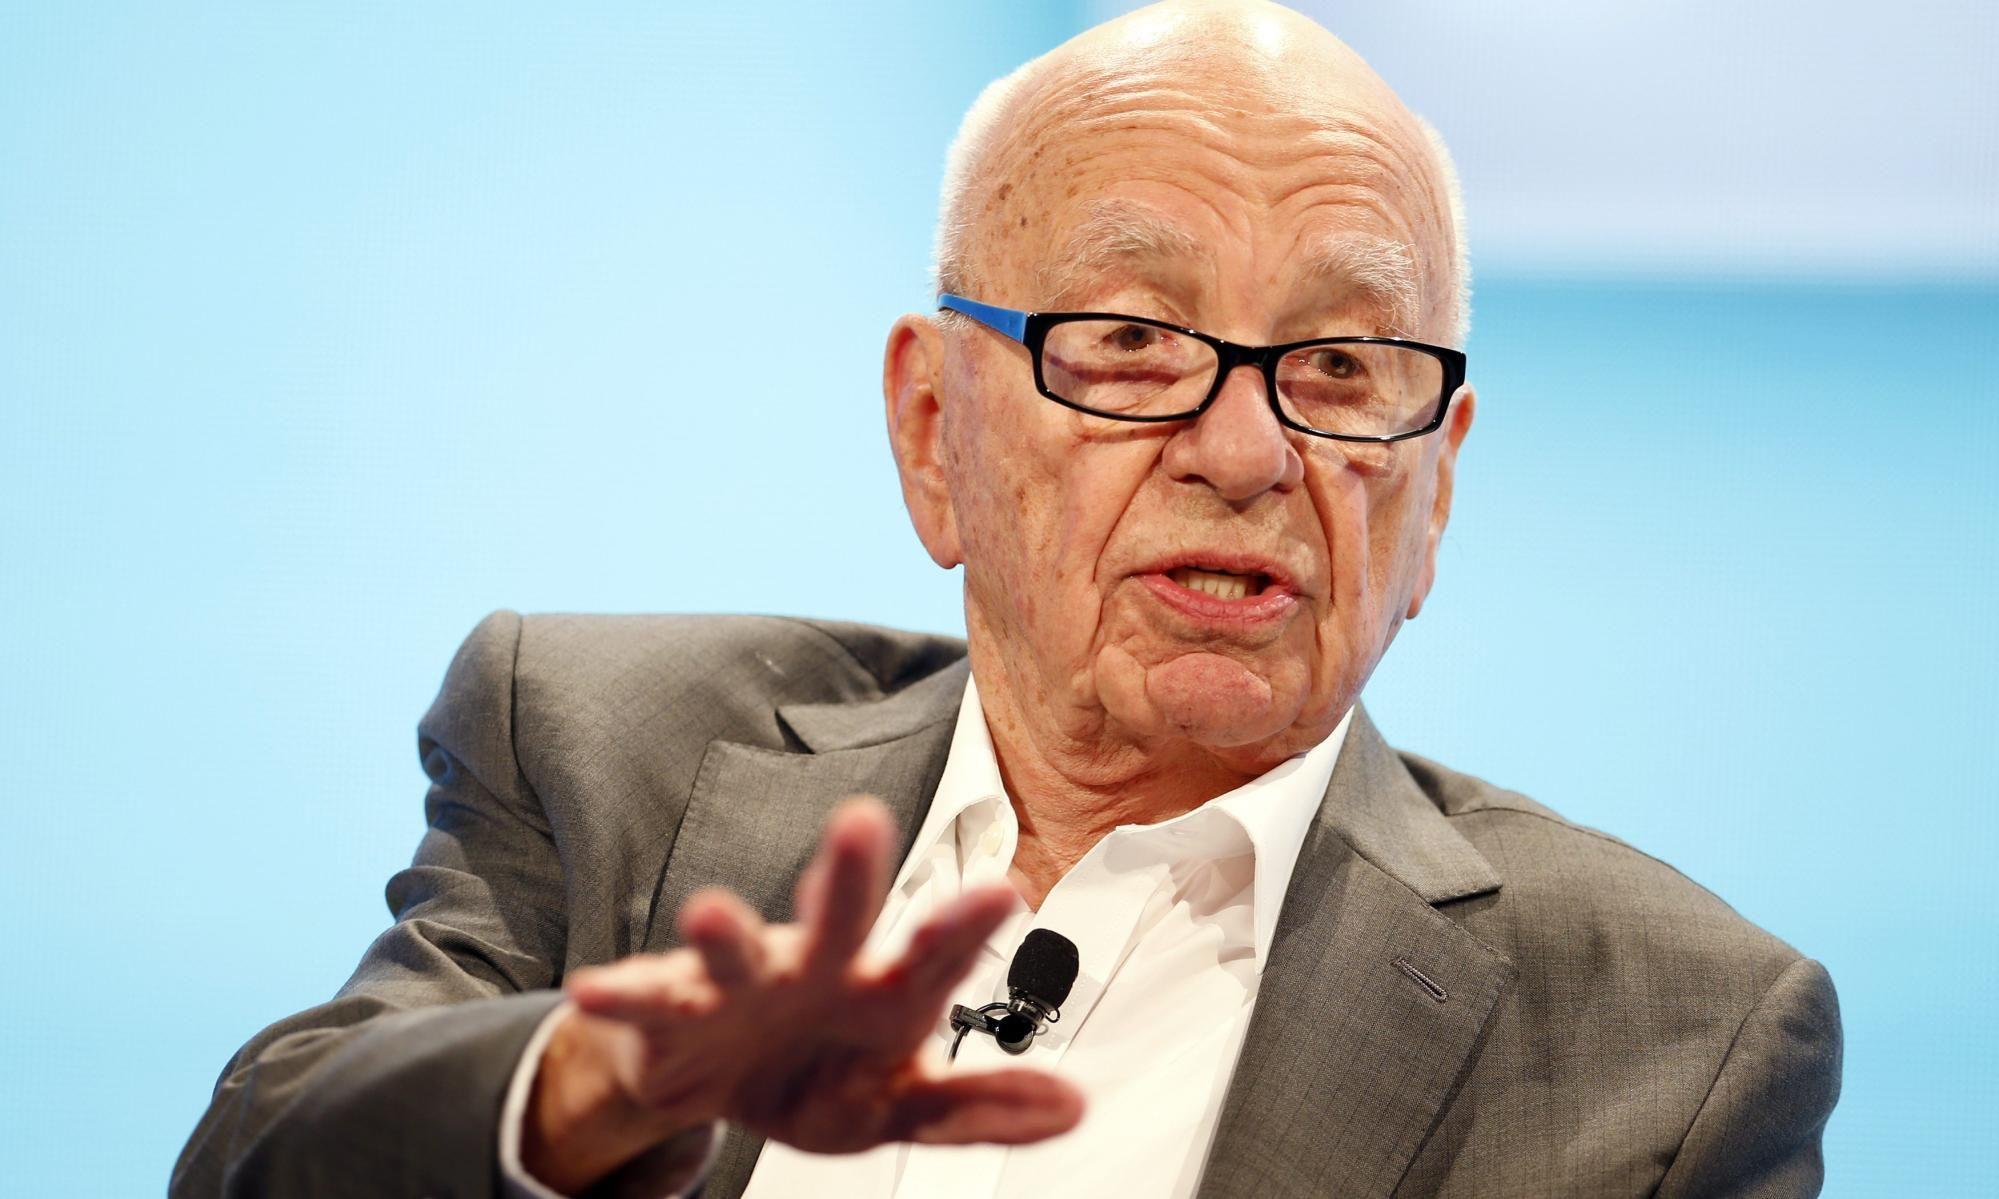 Rupert Murdoch Malcolm Turnbull S Media Law Plans Suit Buddies At Nine Rupert Murdoch 21st Century Fox Fox Information